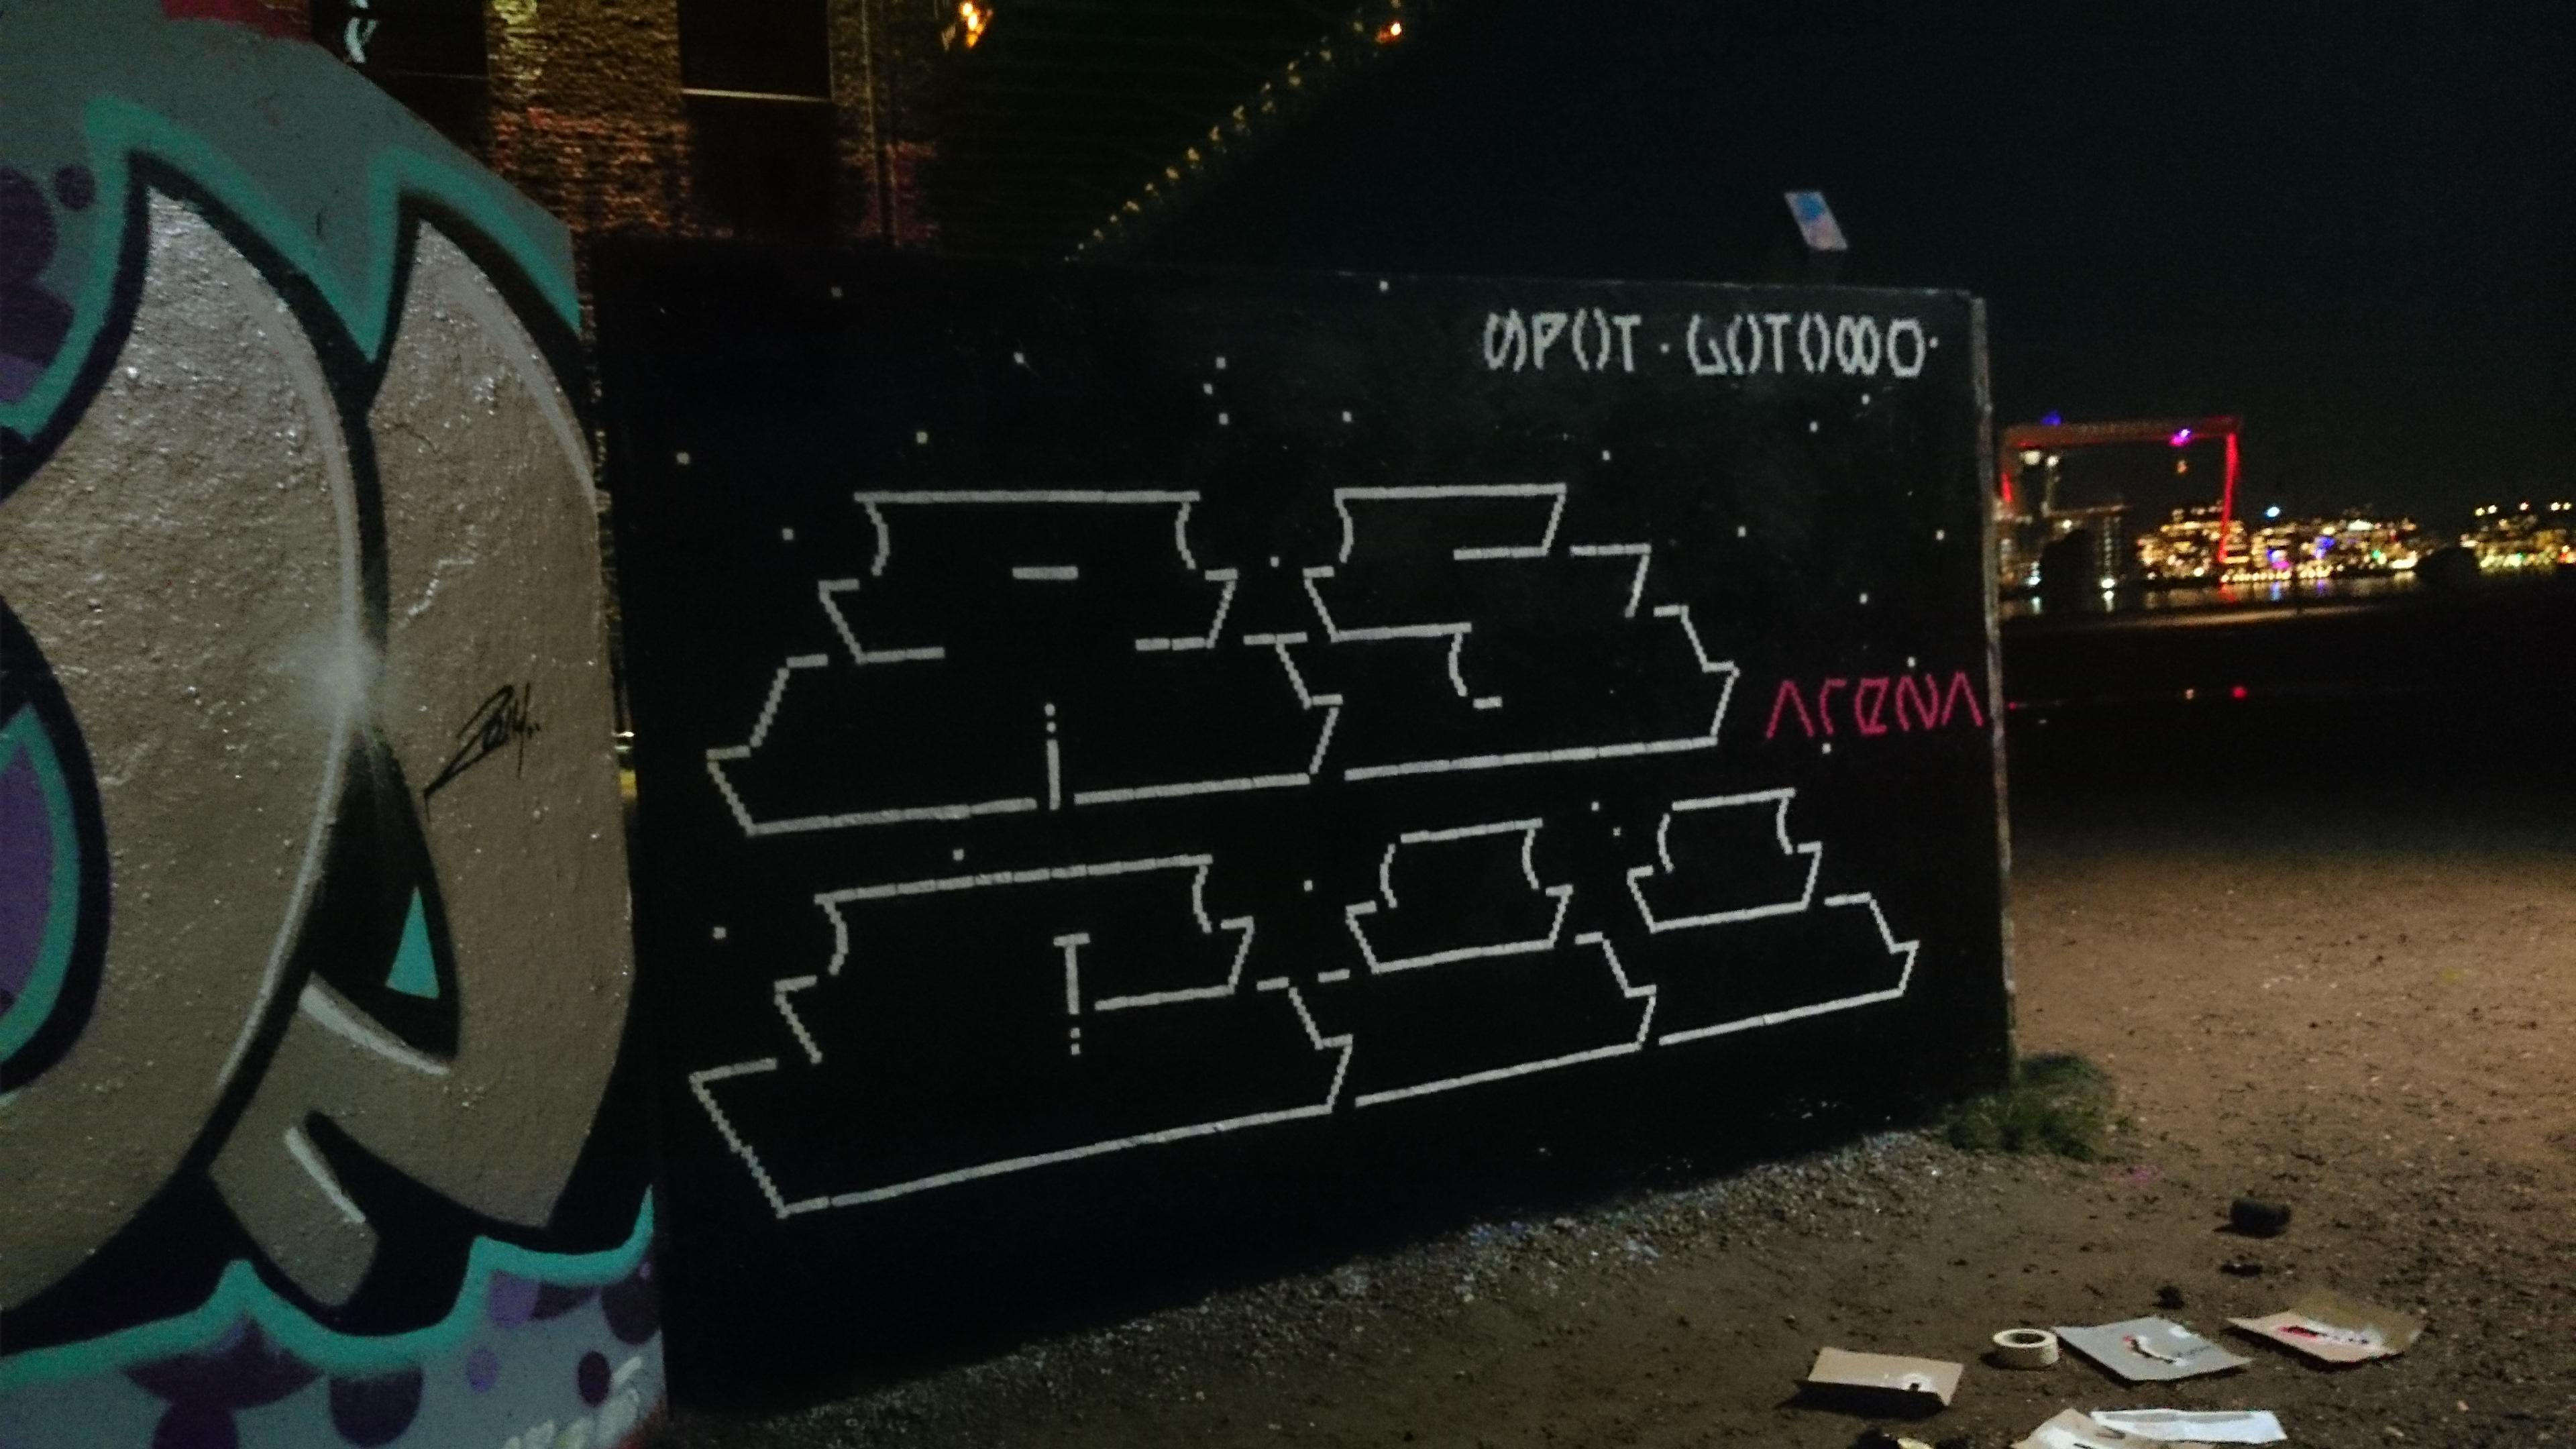 Ascii Graffiti